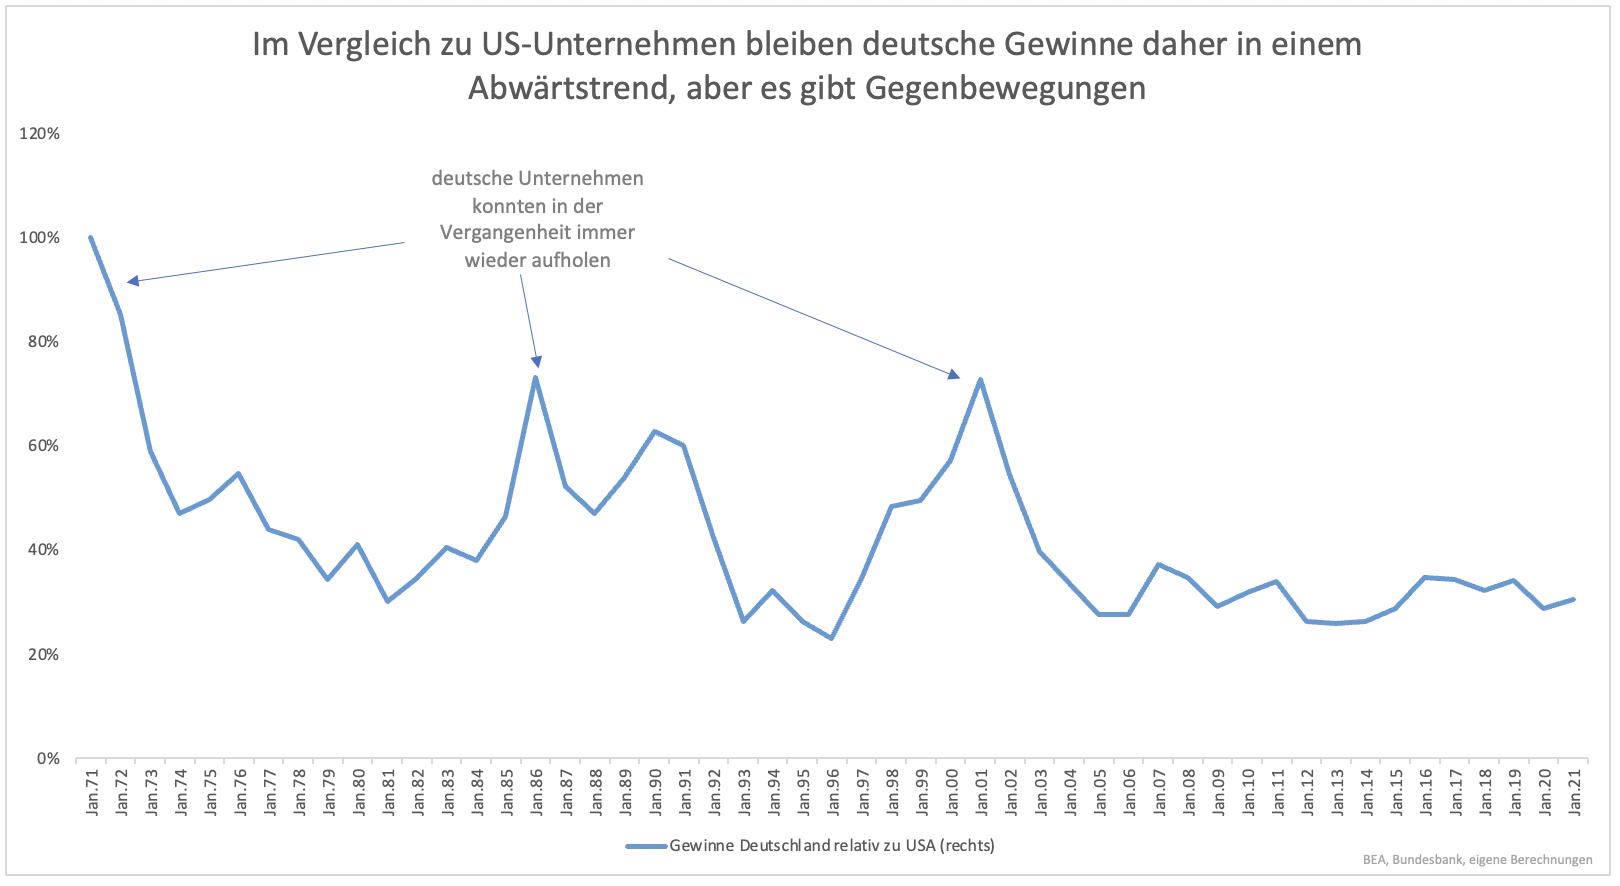 Dax-40-ab-Montag-Endlich-Konkurrenz-für-US-Indizes-Kommentar-Clemens-Schmale-GodmodeTrader.de-2